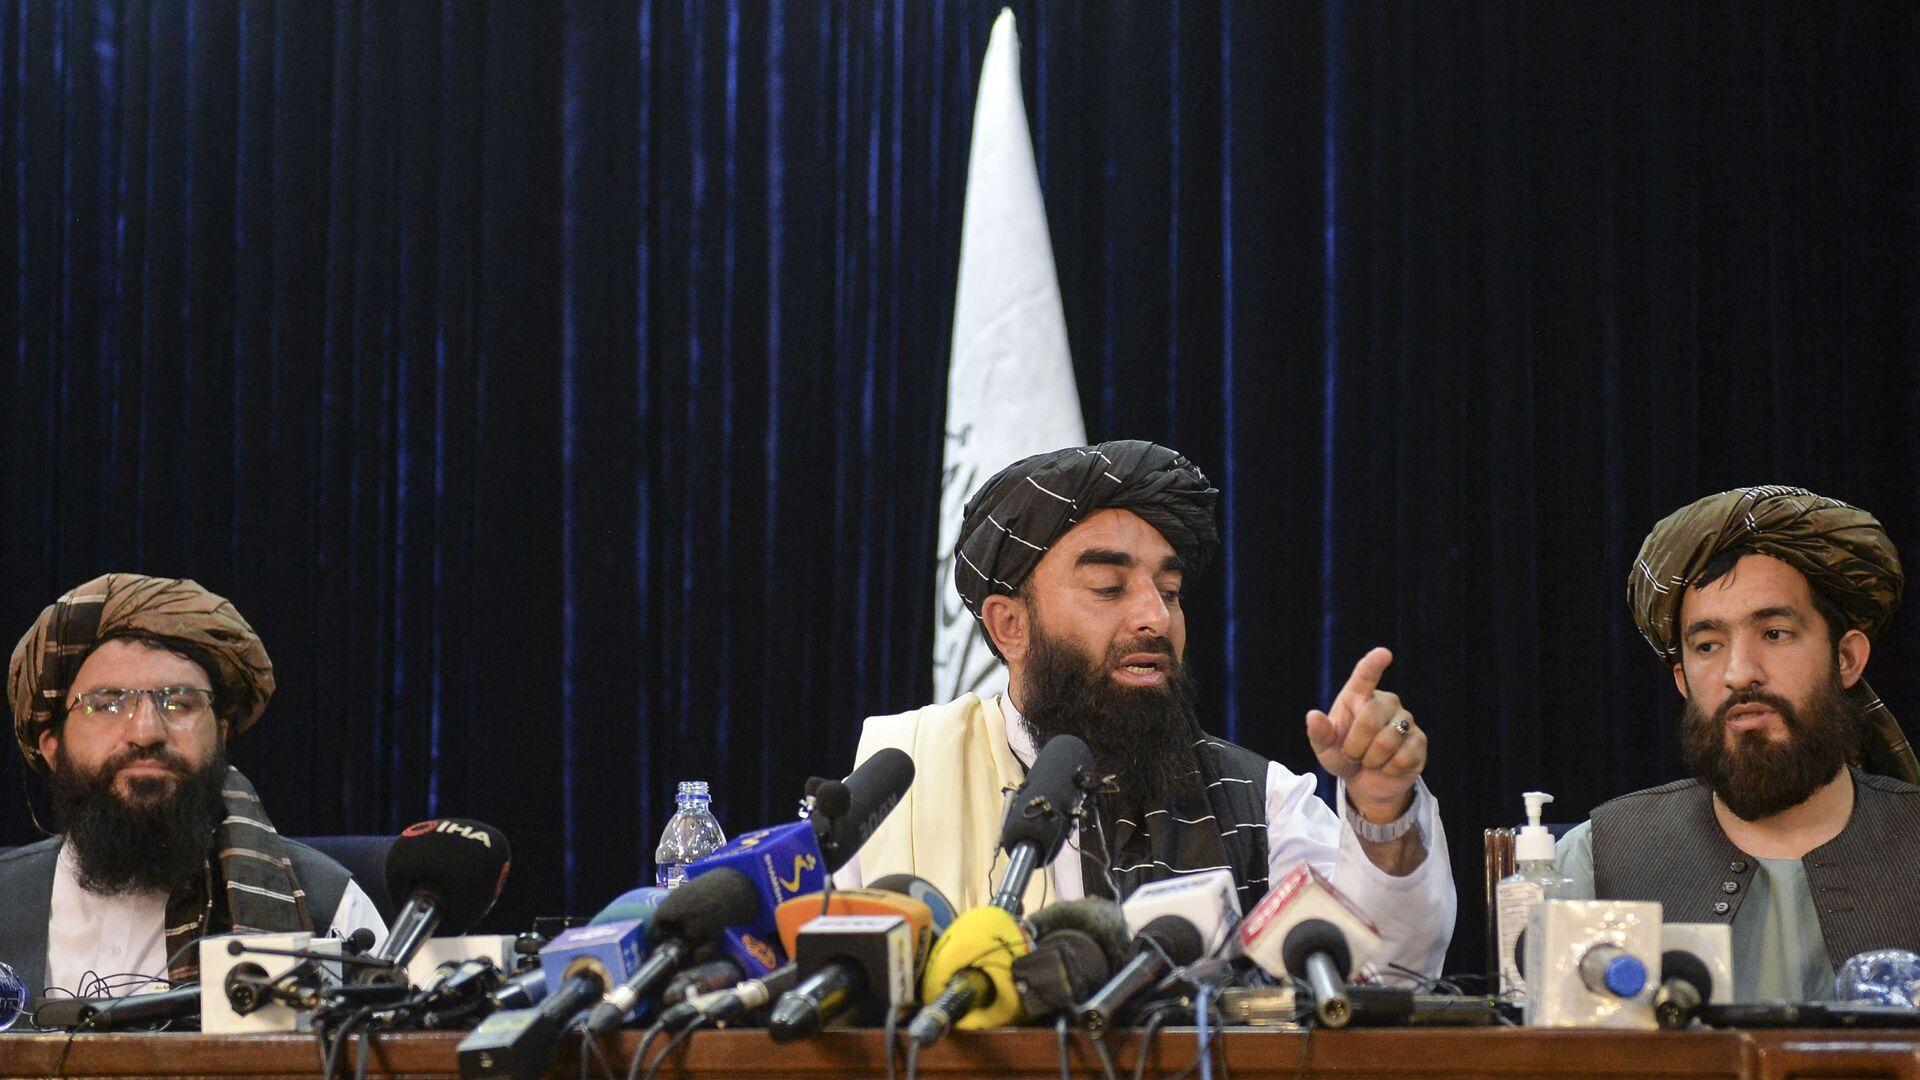 Il portavoce dei talebani, Zabihullah Mujahid - Sputnik Italia, 1920, 06.09.2021